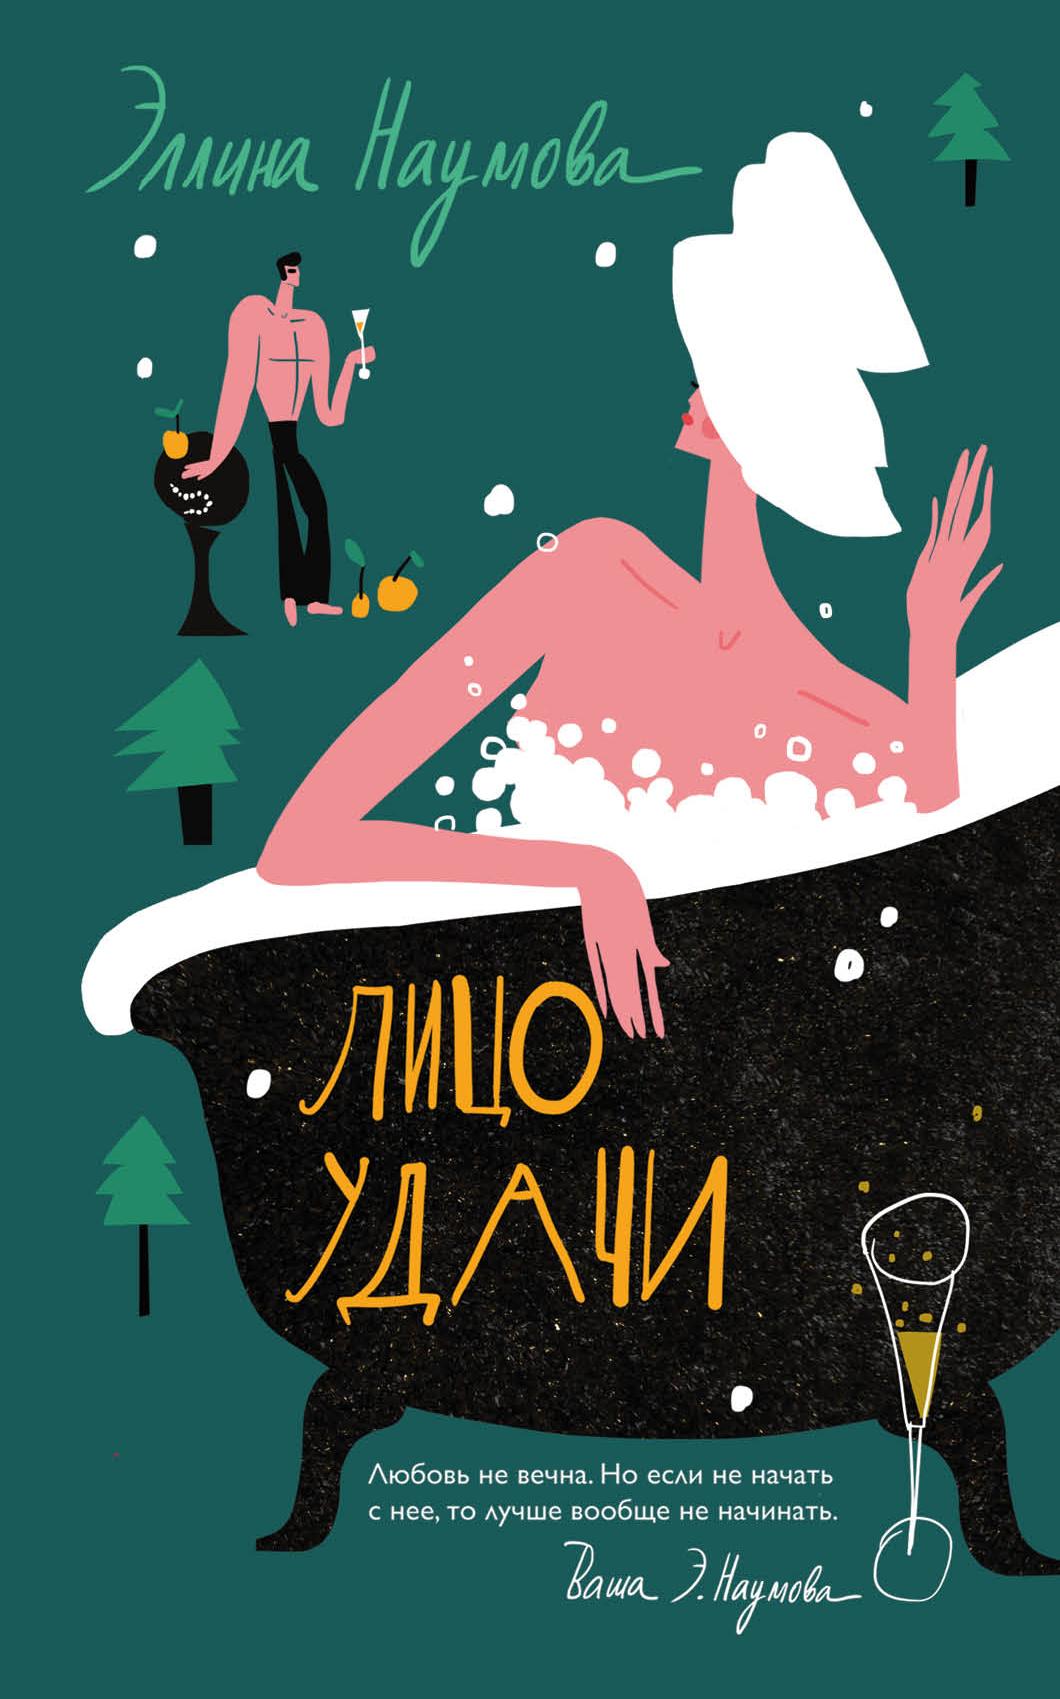 Эллина Наумова - Лицо удачи